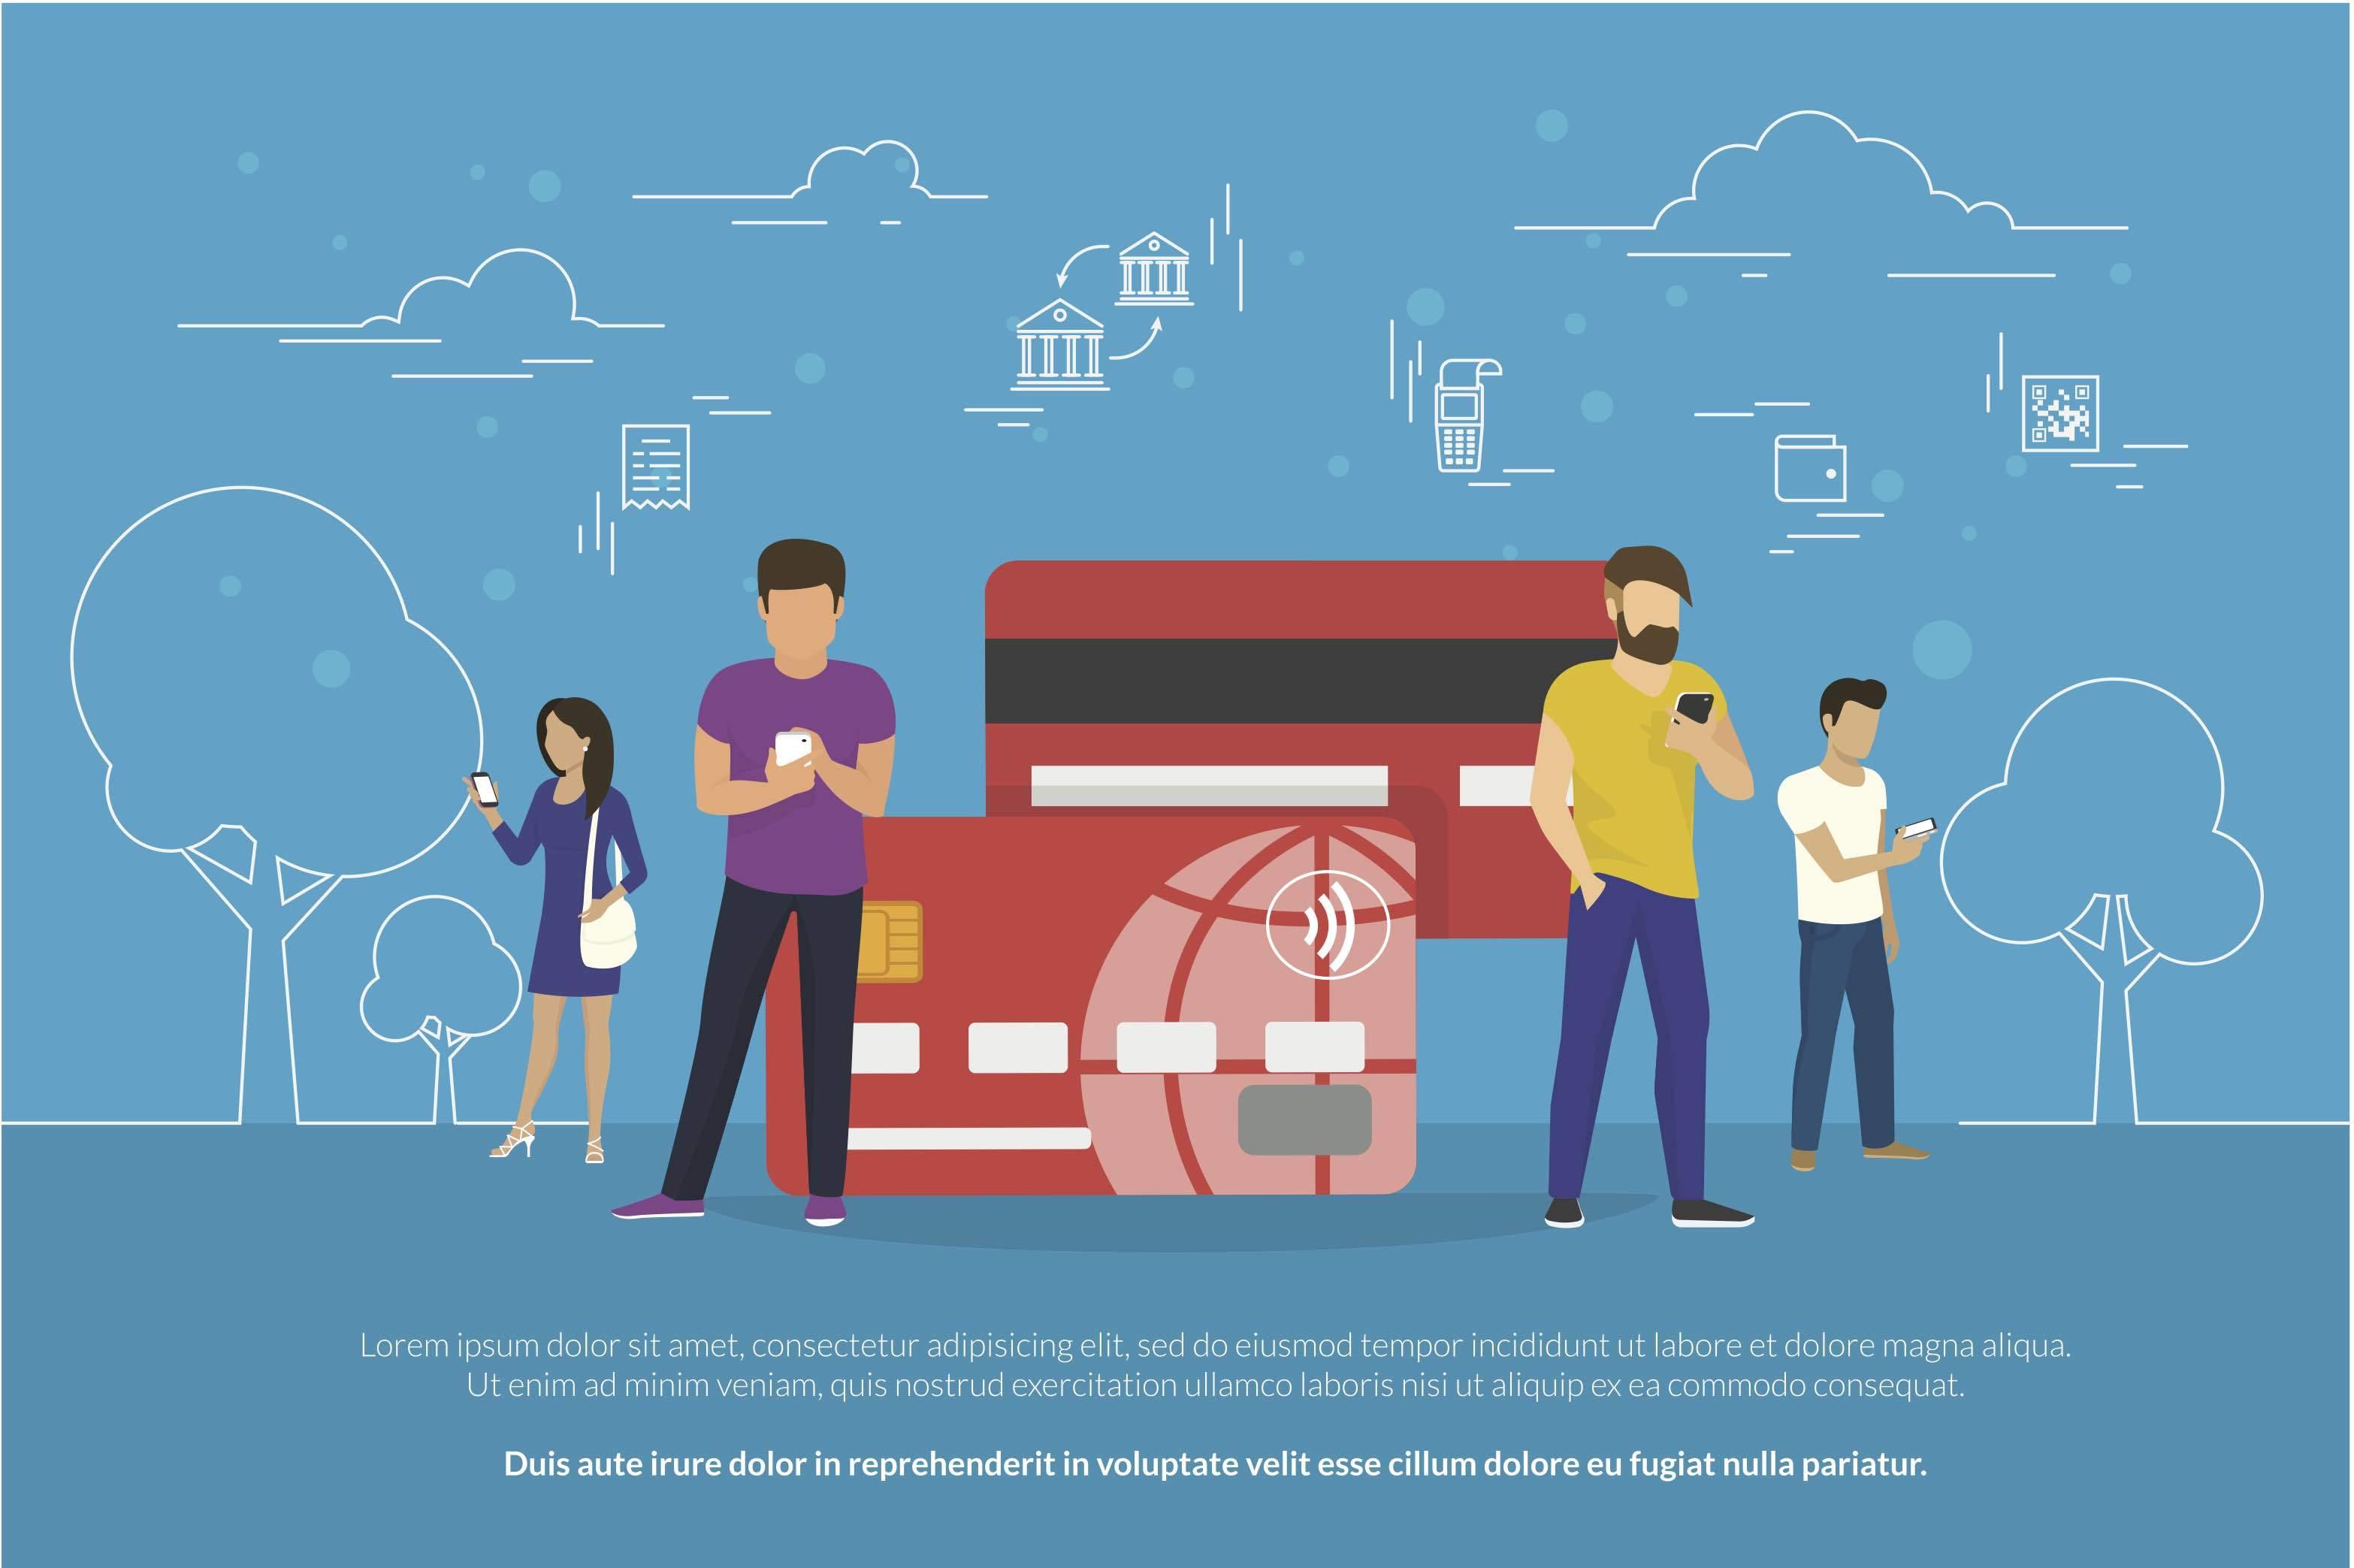 商業突破 奇摩推出無卡分期購,正中年輕消費者胃口